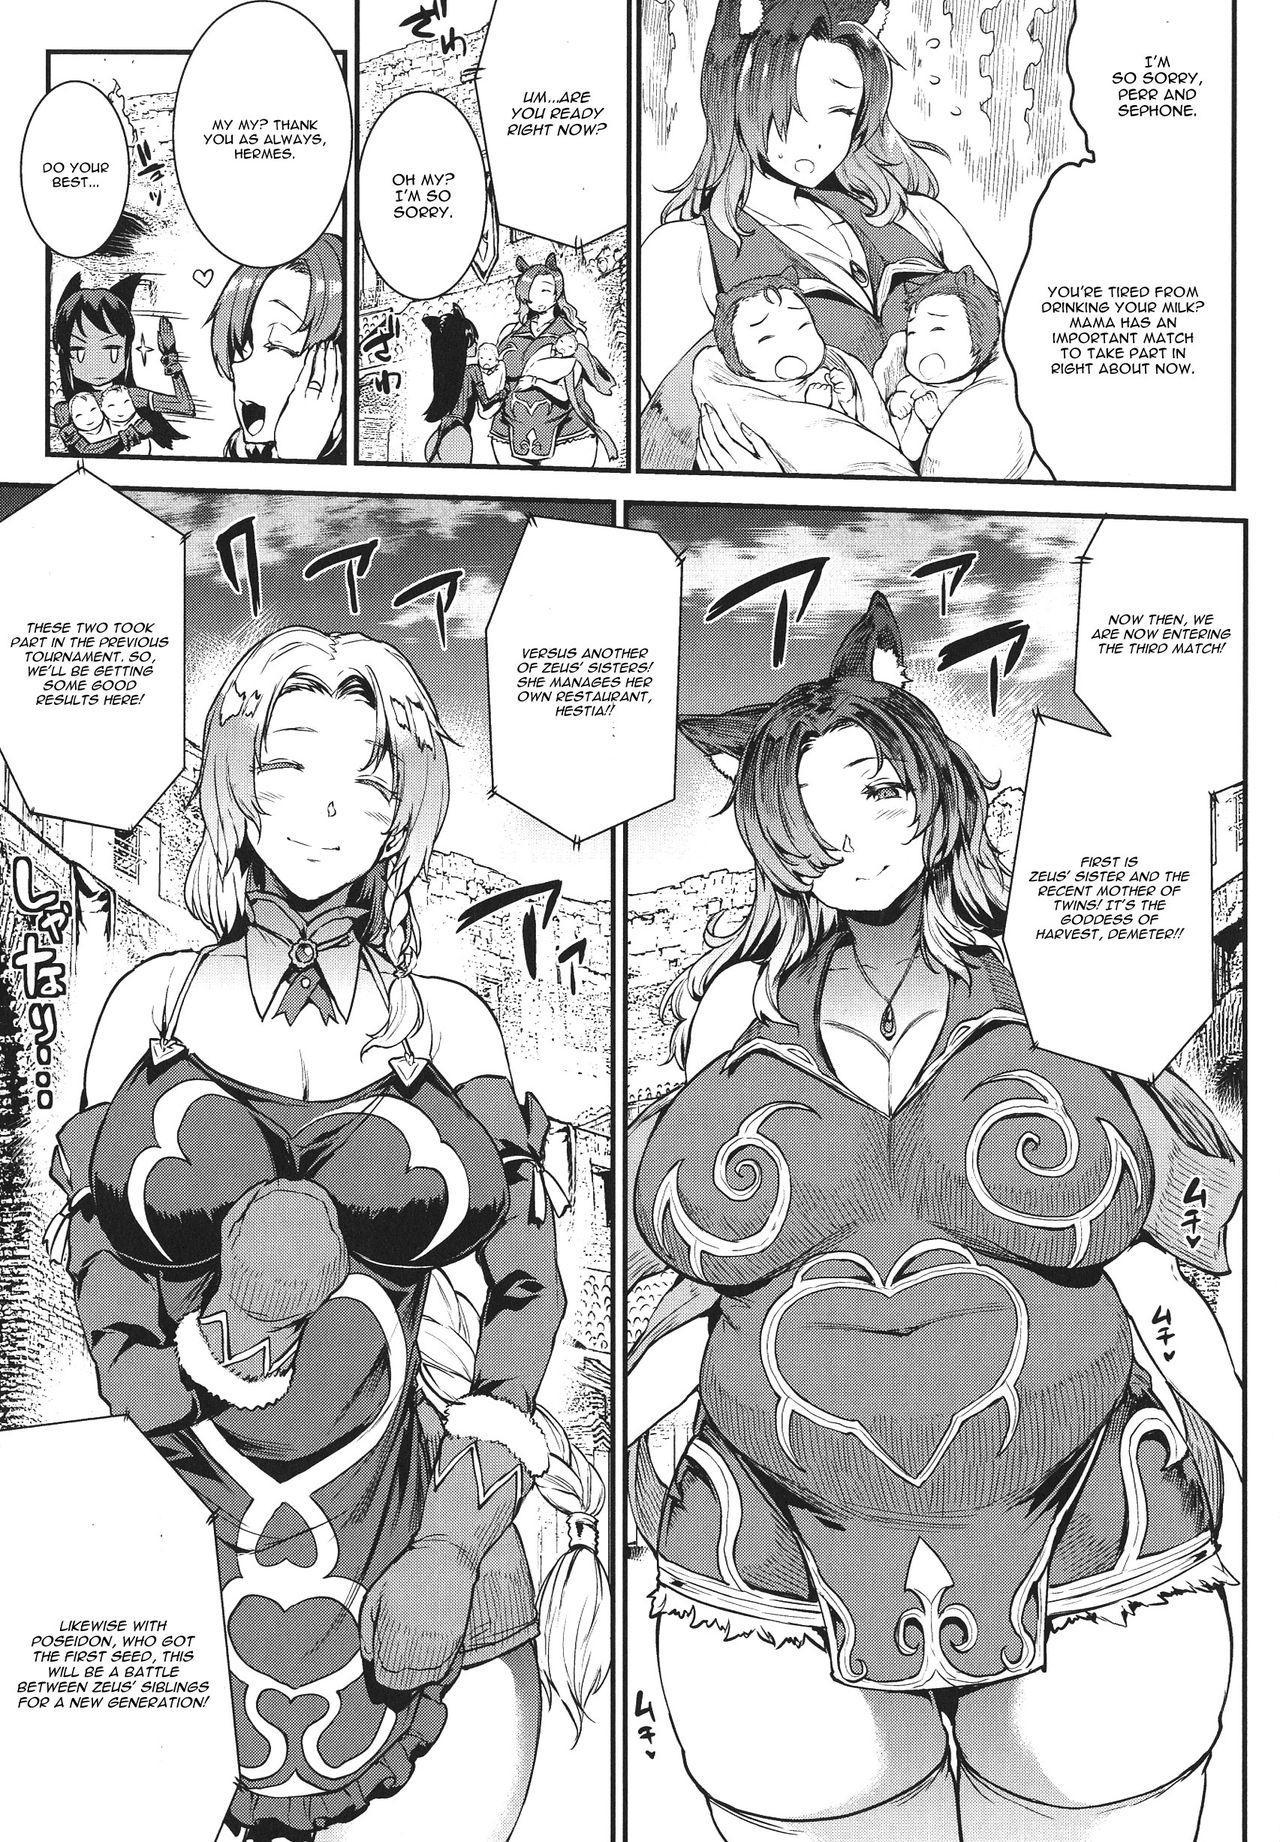 [Erect Sawaru] Raikou Shinki Igis Magia -PANDRA saga 3rd ignition- Ch. 1-7 + Medousa [English] [CGrascal] 130